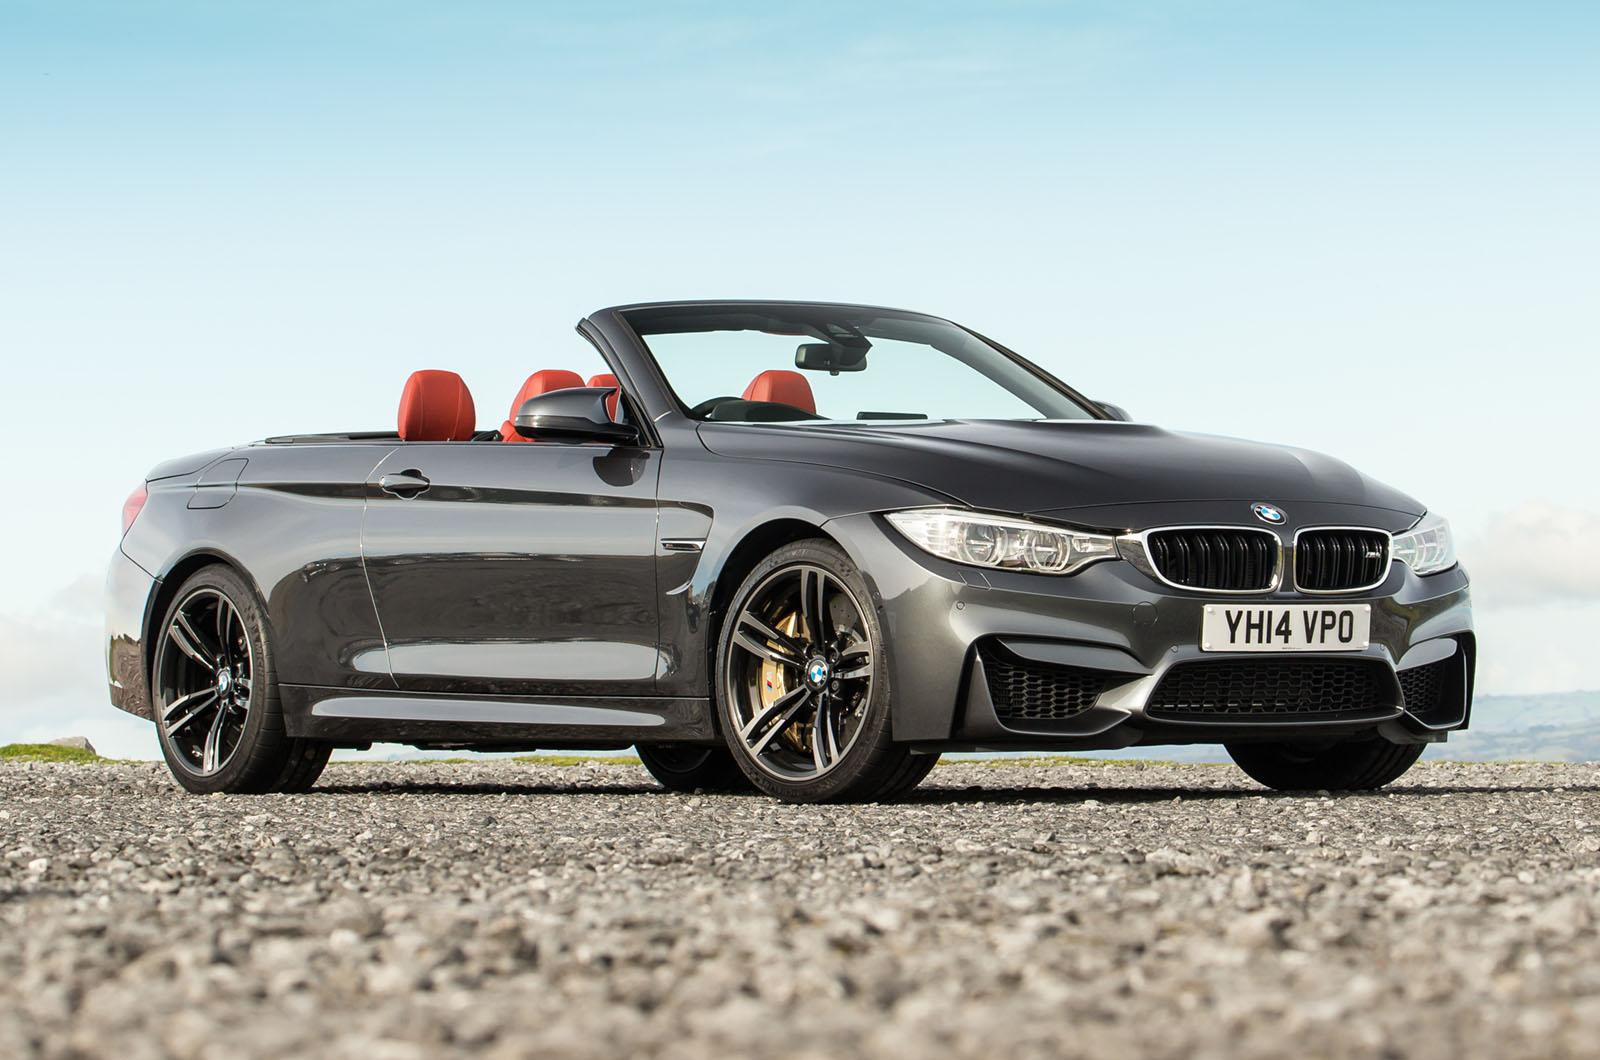 BMW M4 CONVERTIBLE PRICE UK - Wroc?awski Informator ...